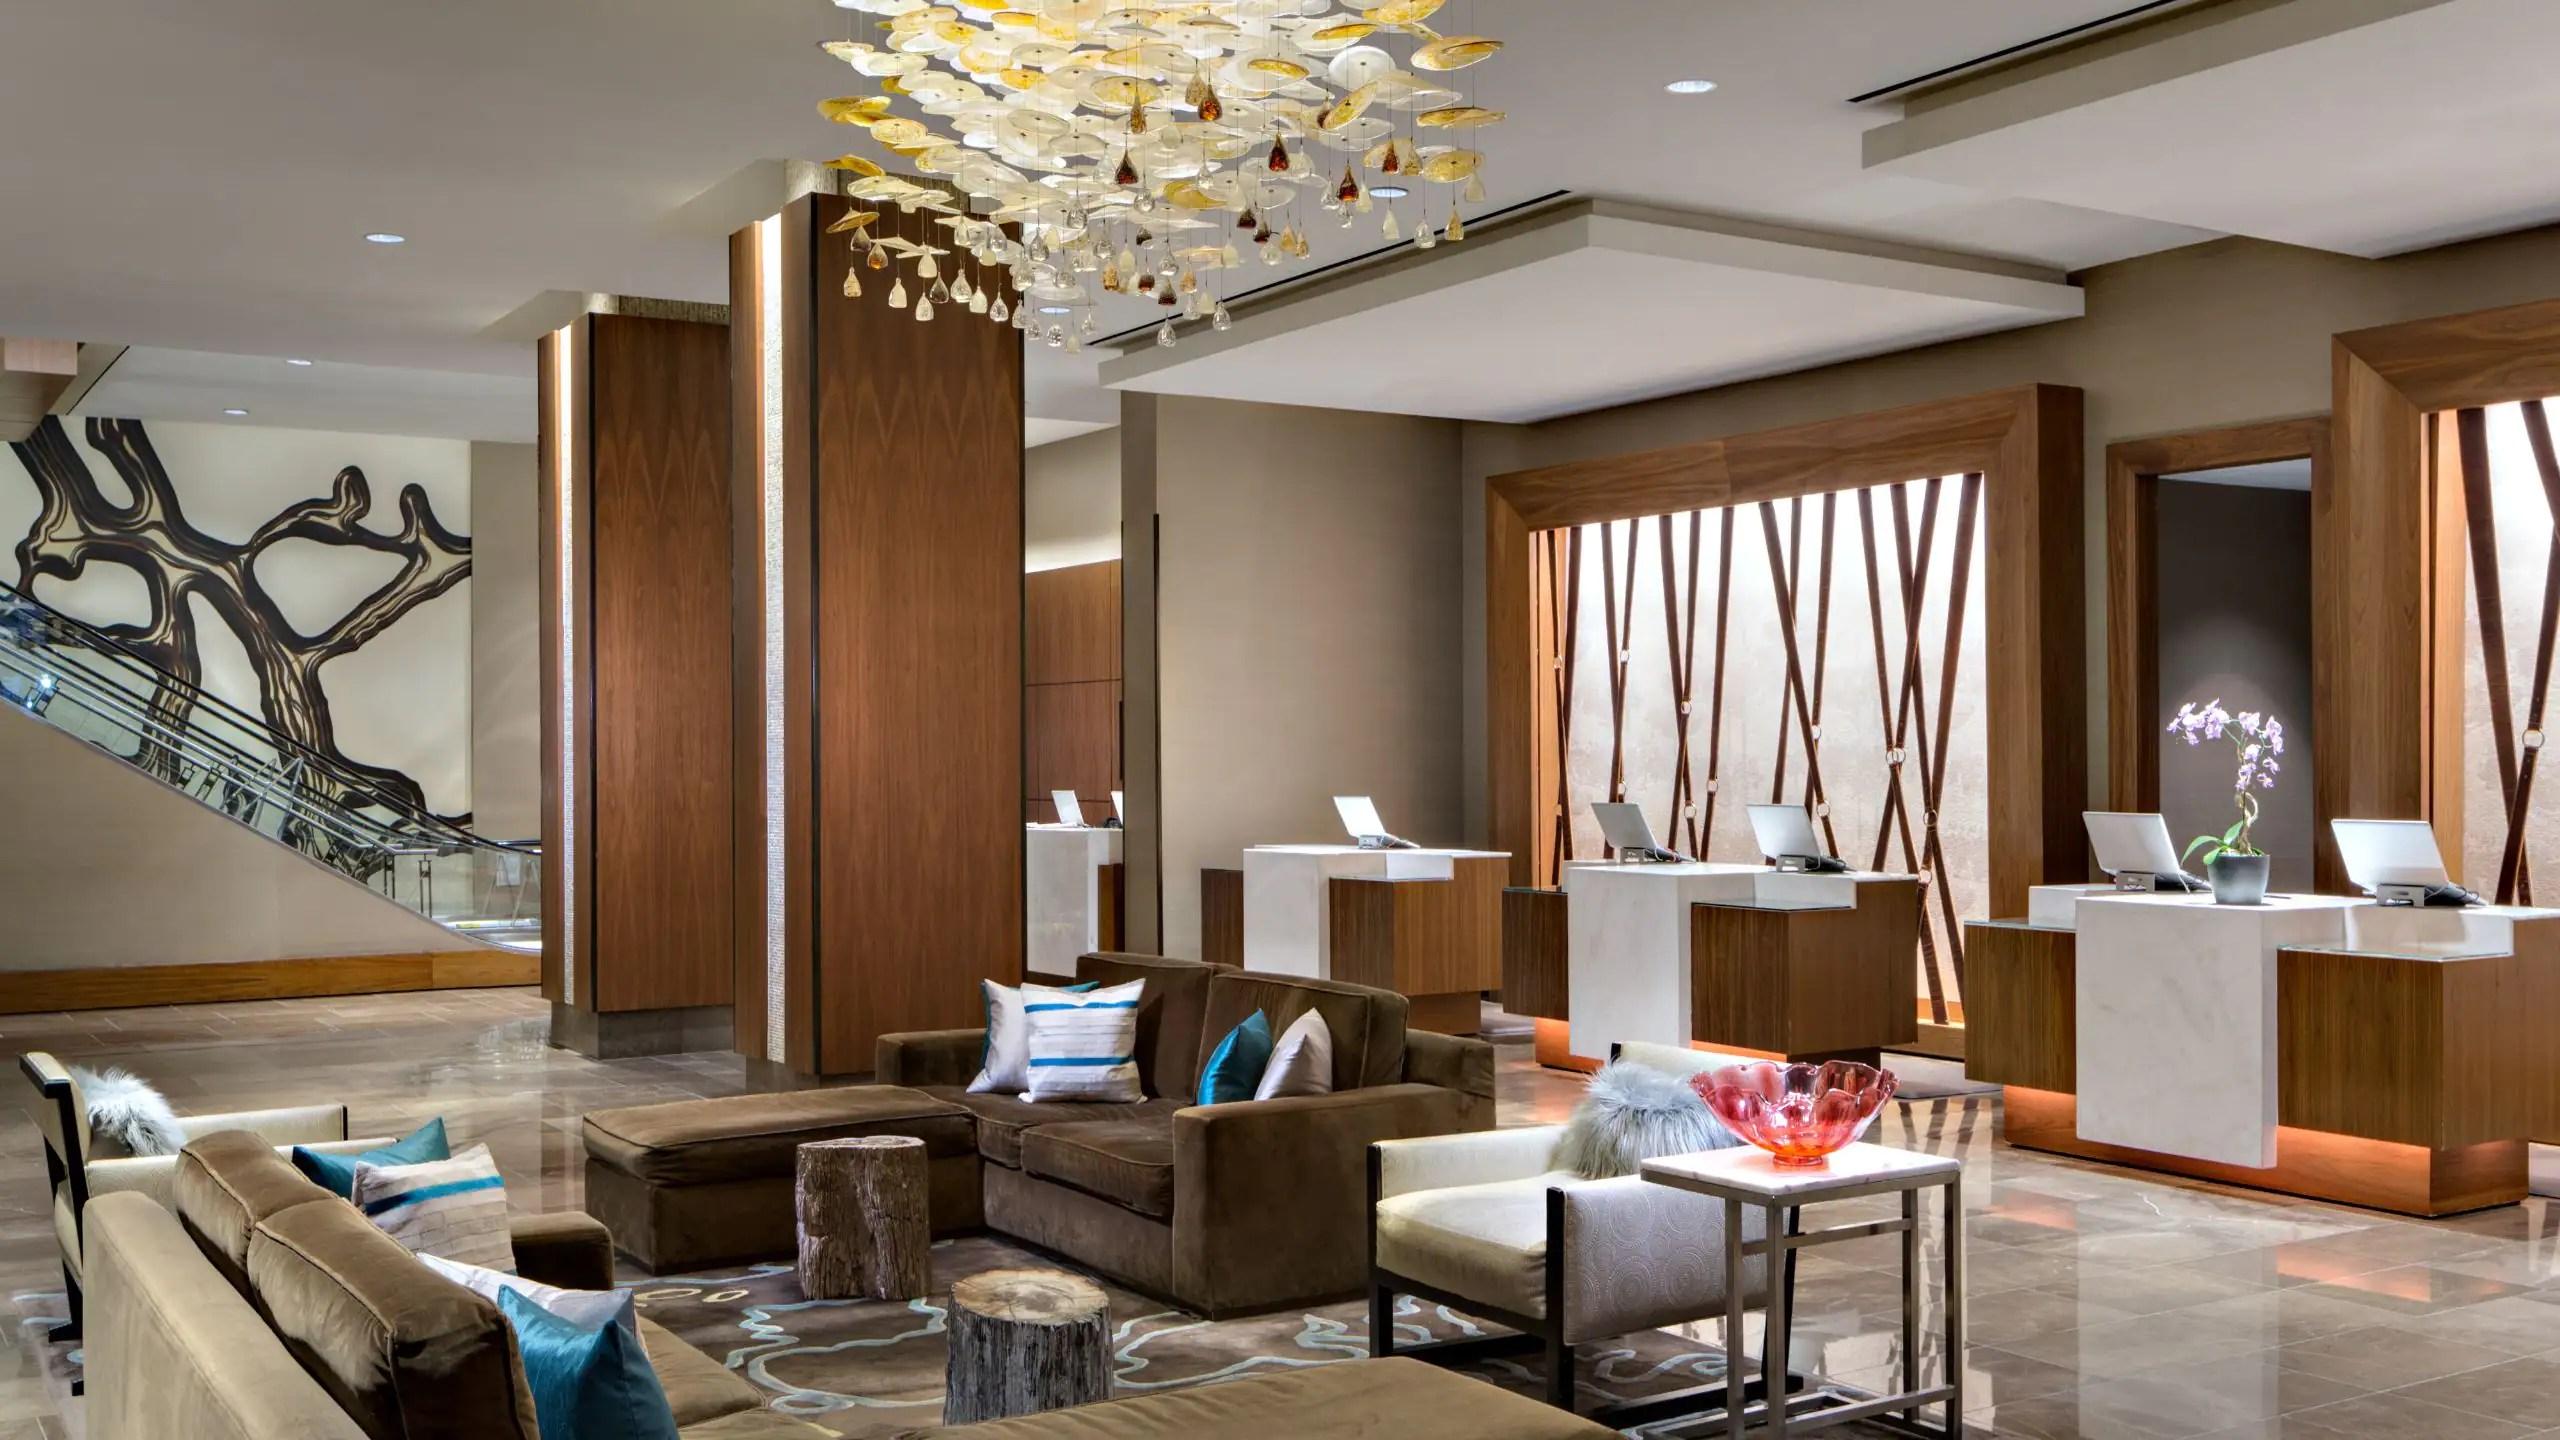 small resolution of hotel lobby hyatt regency san antonio river walk